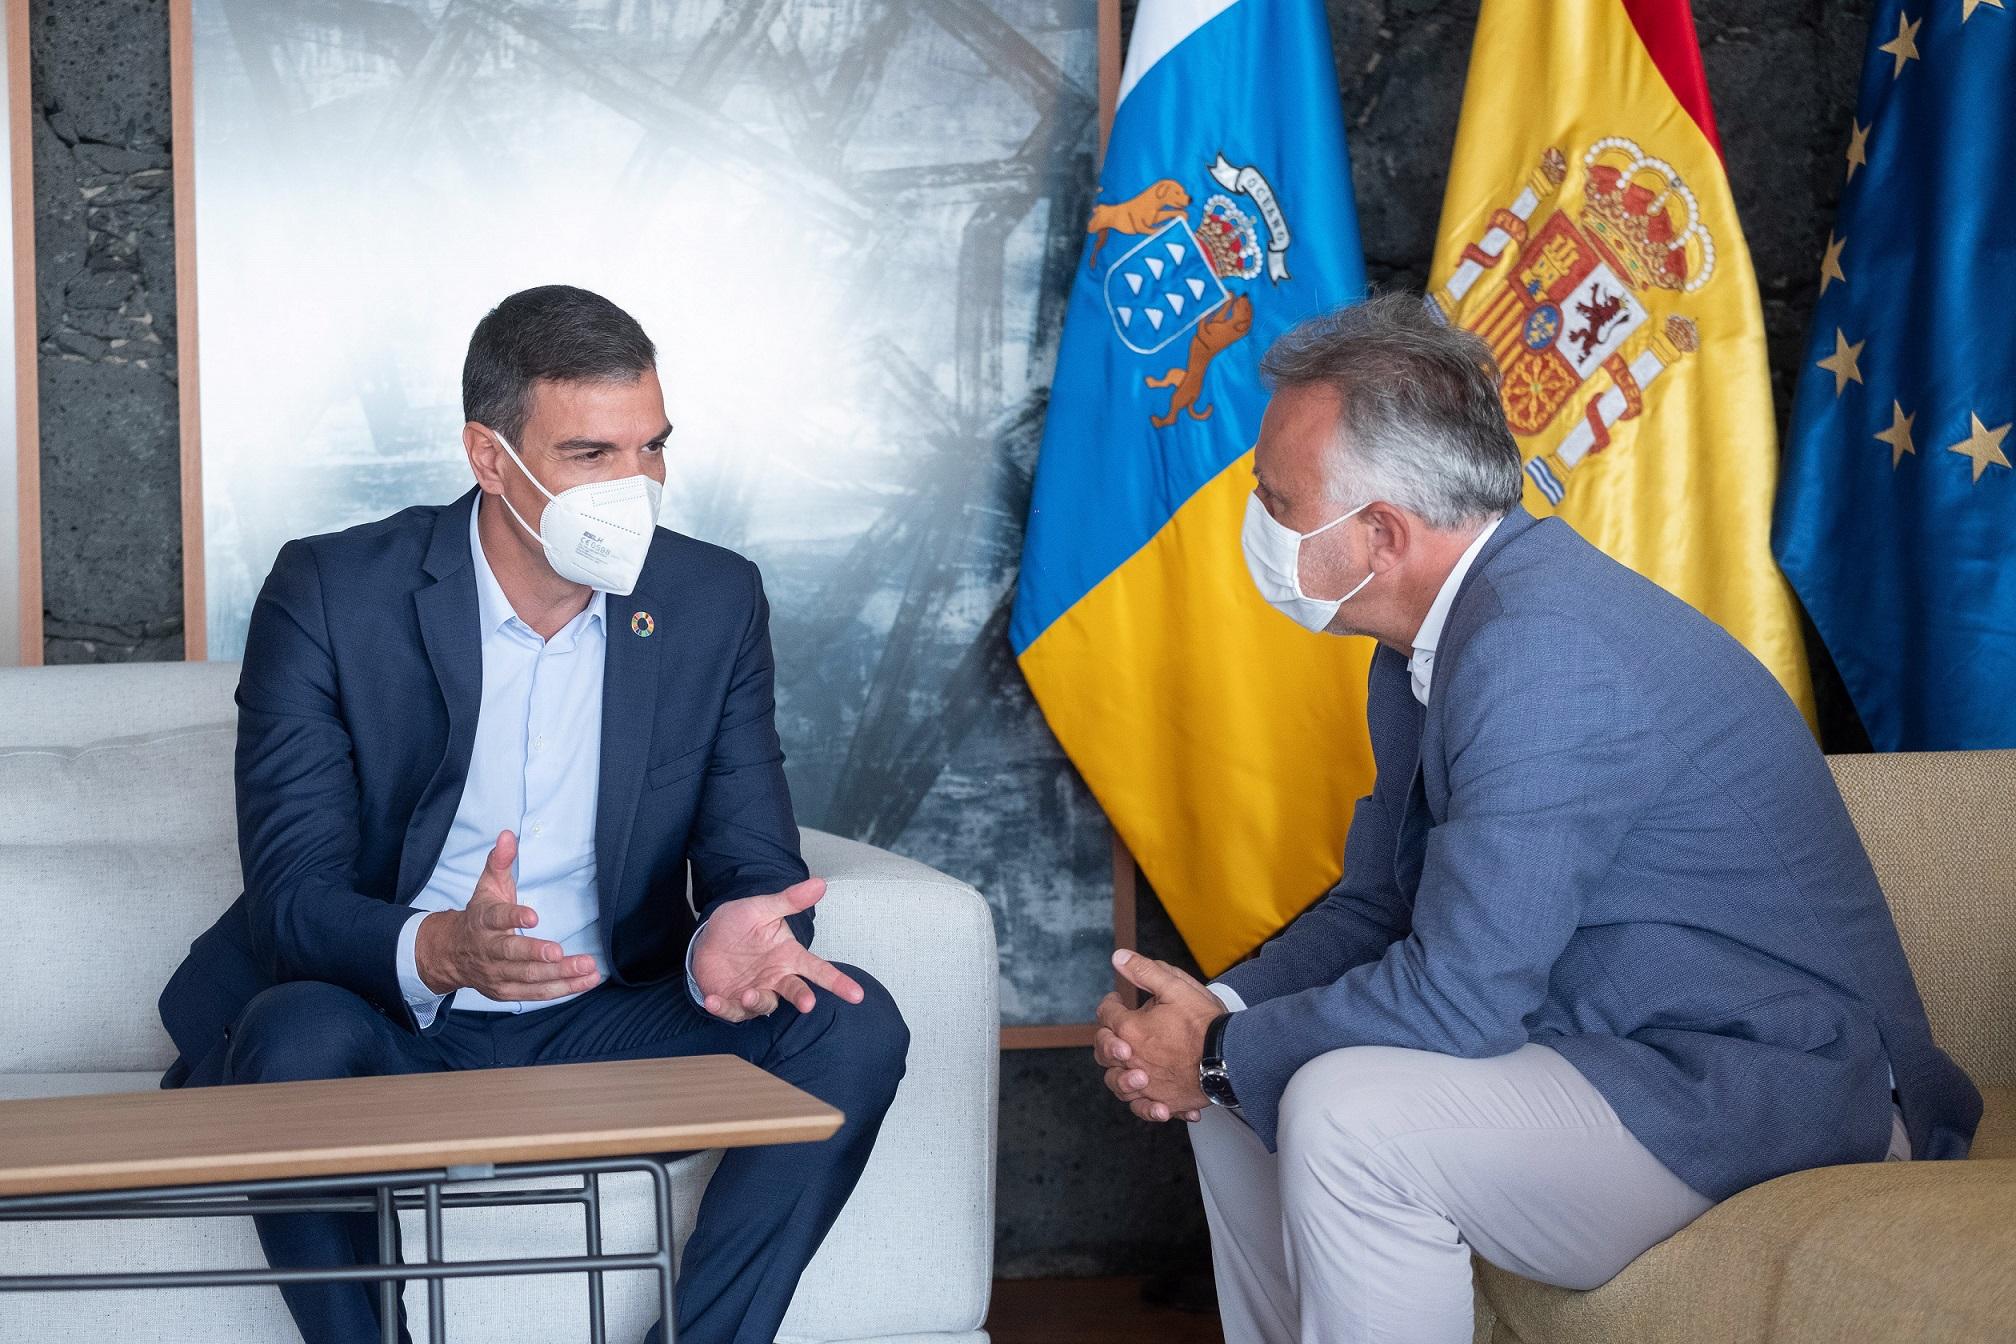 Reunión de los presidentes Ángel Víctor Torres y Pedro Sánchez